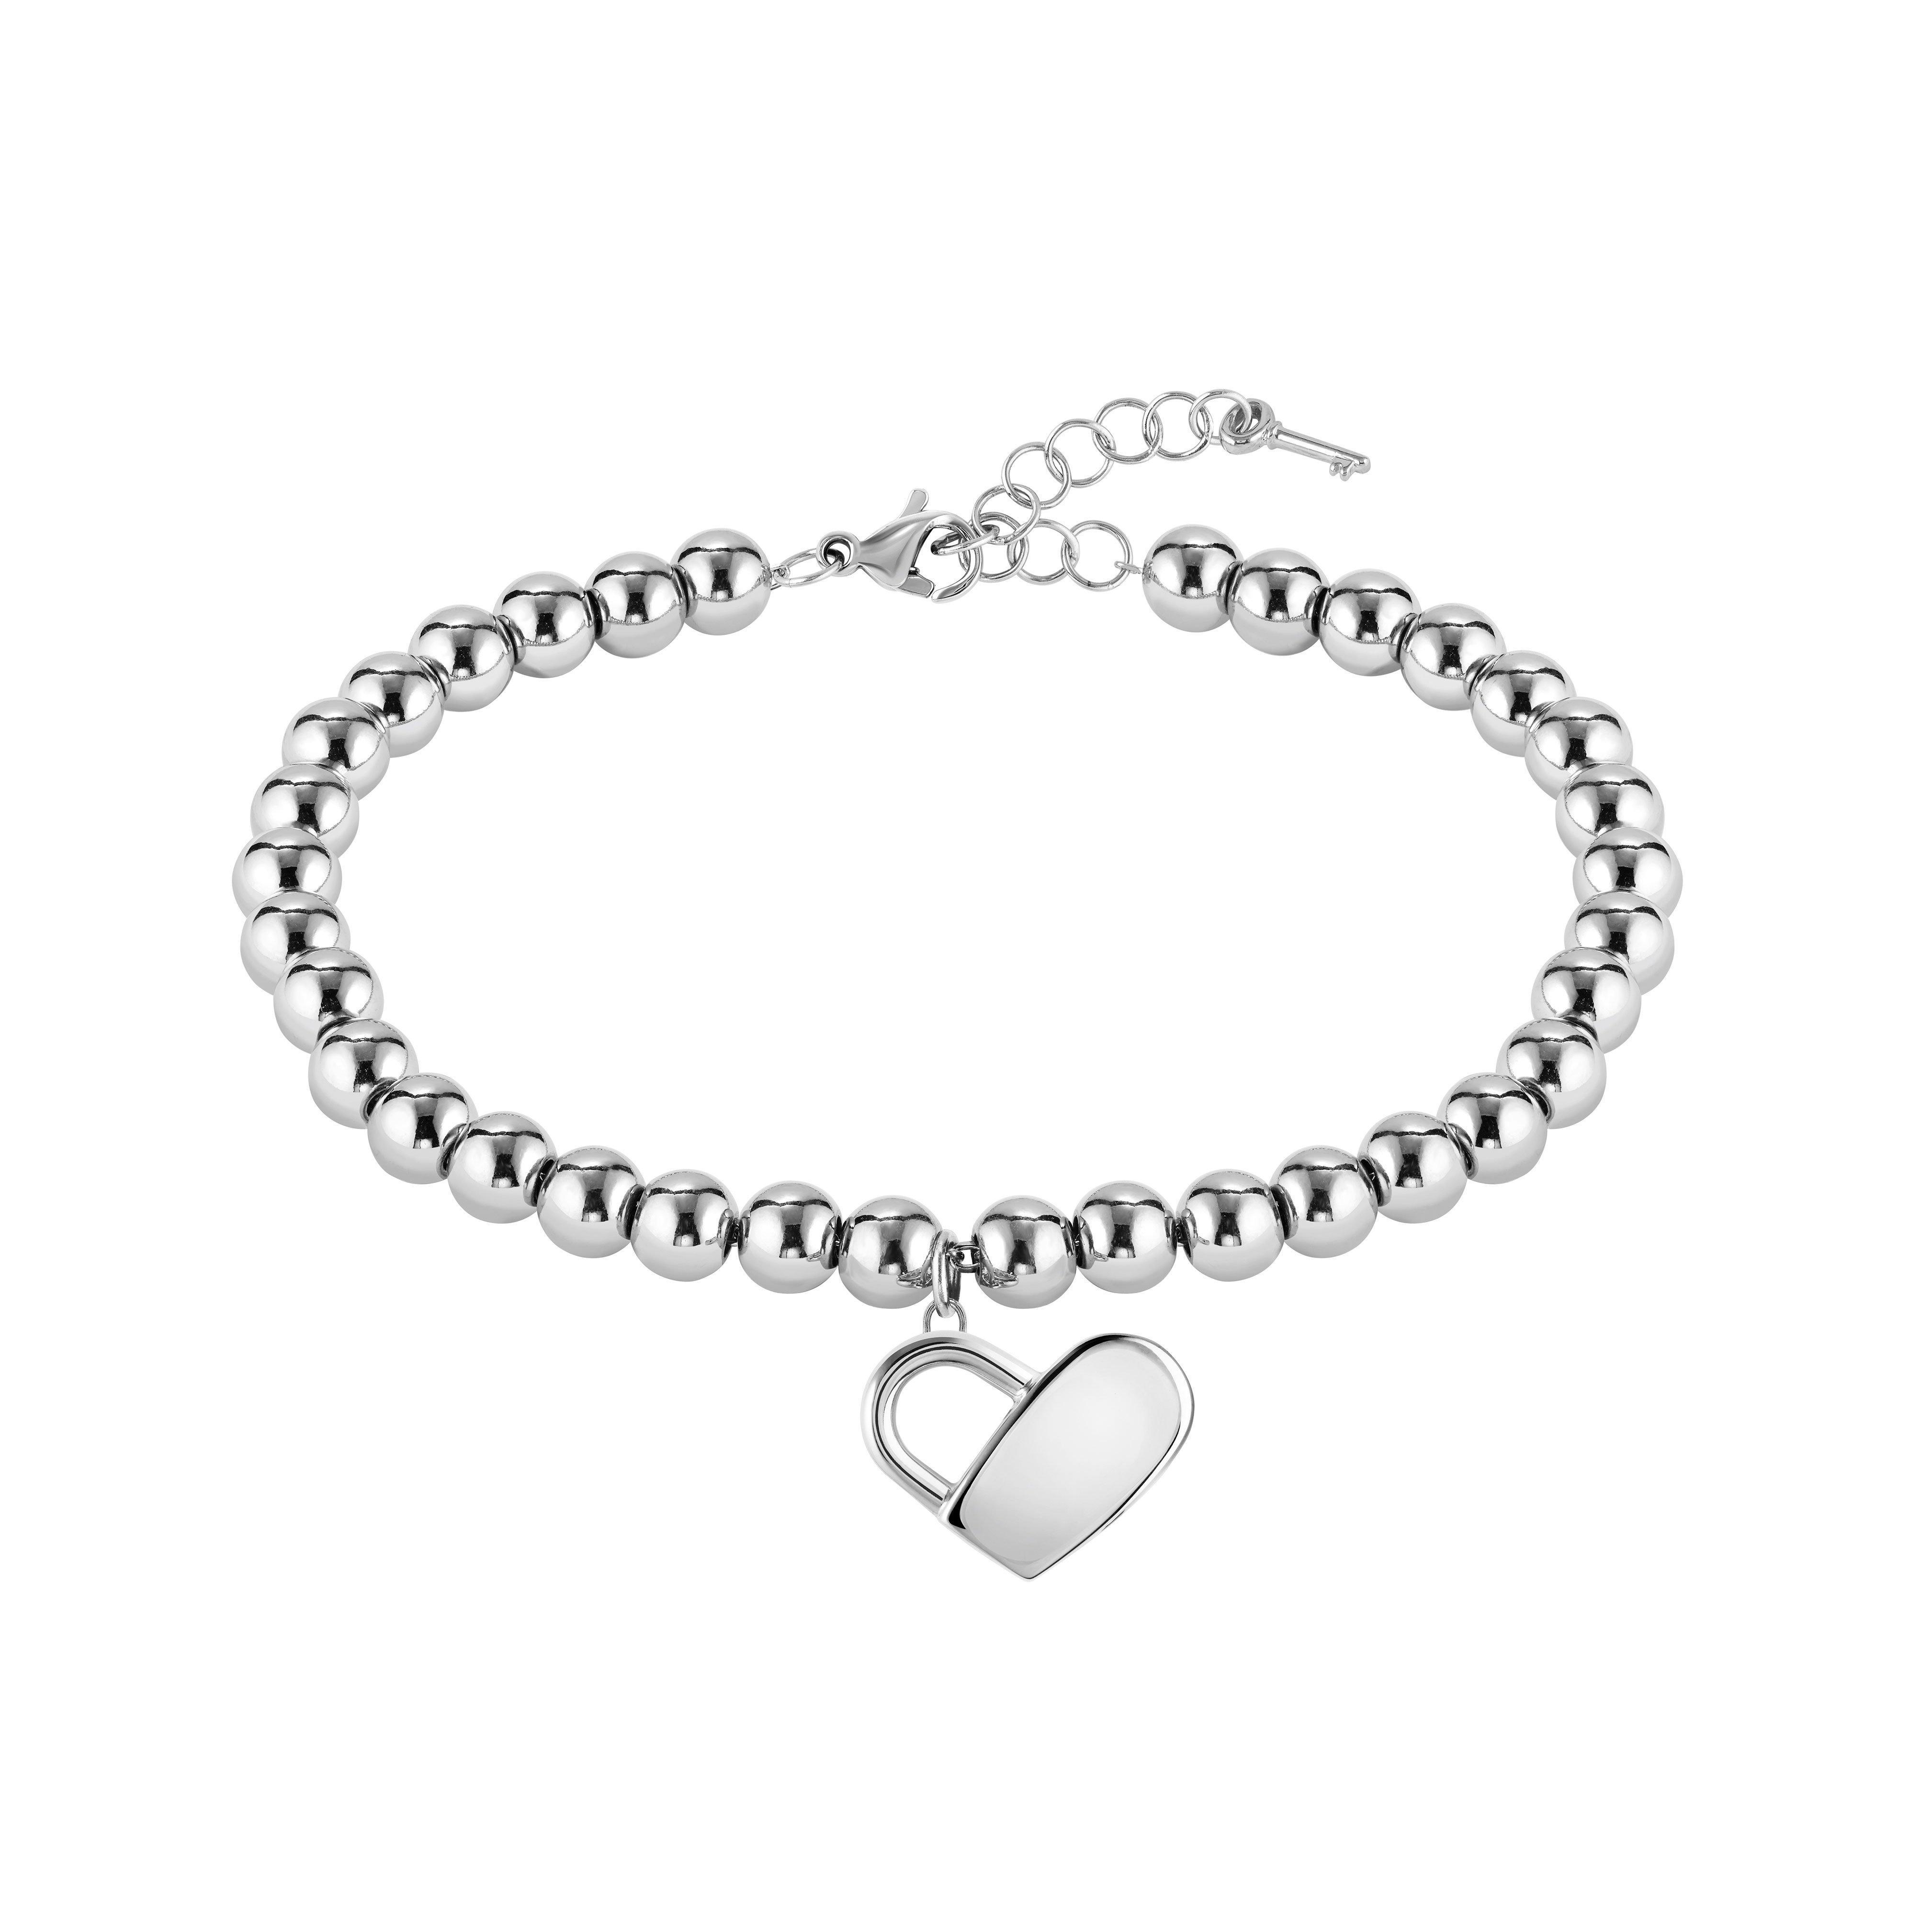 BOSS Beads Heart Bracelet